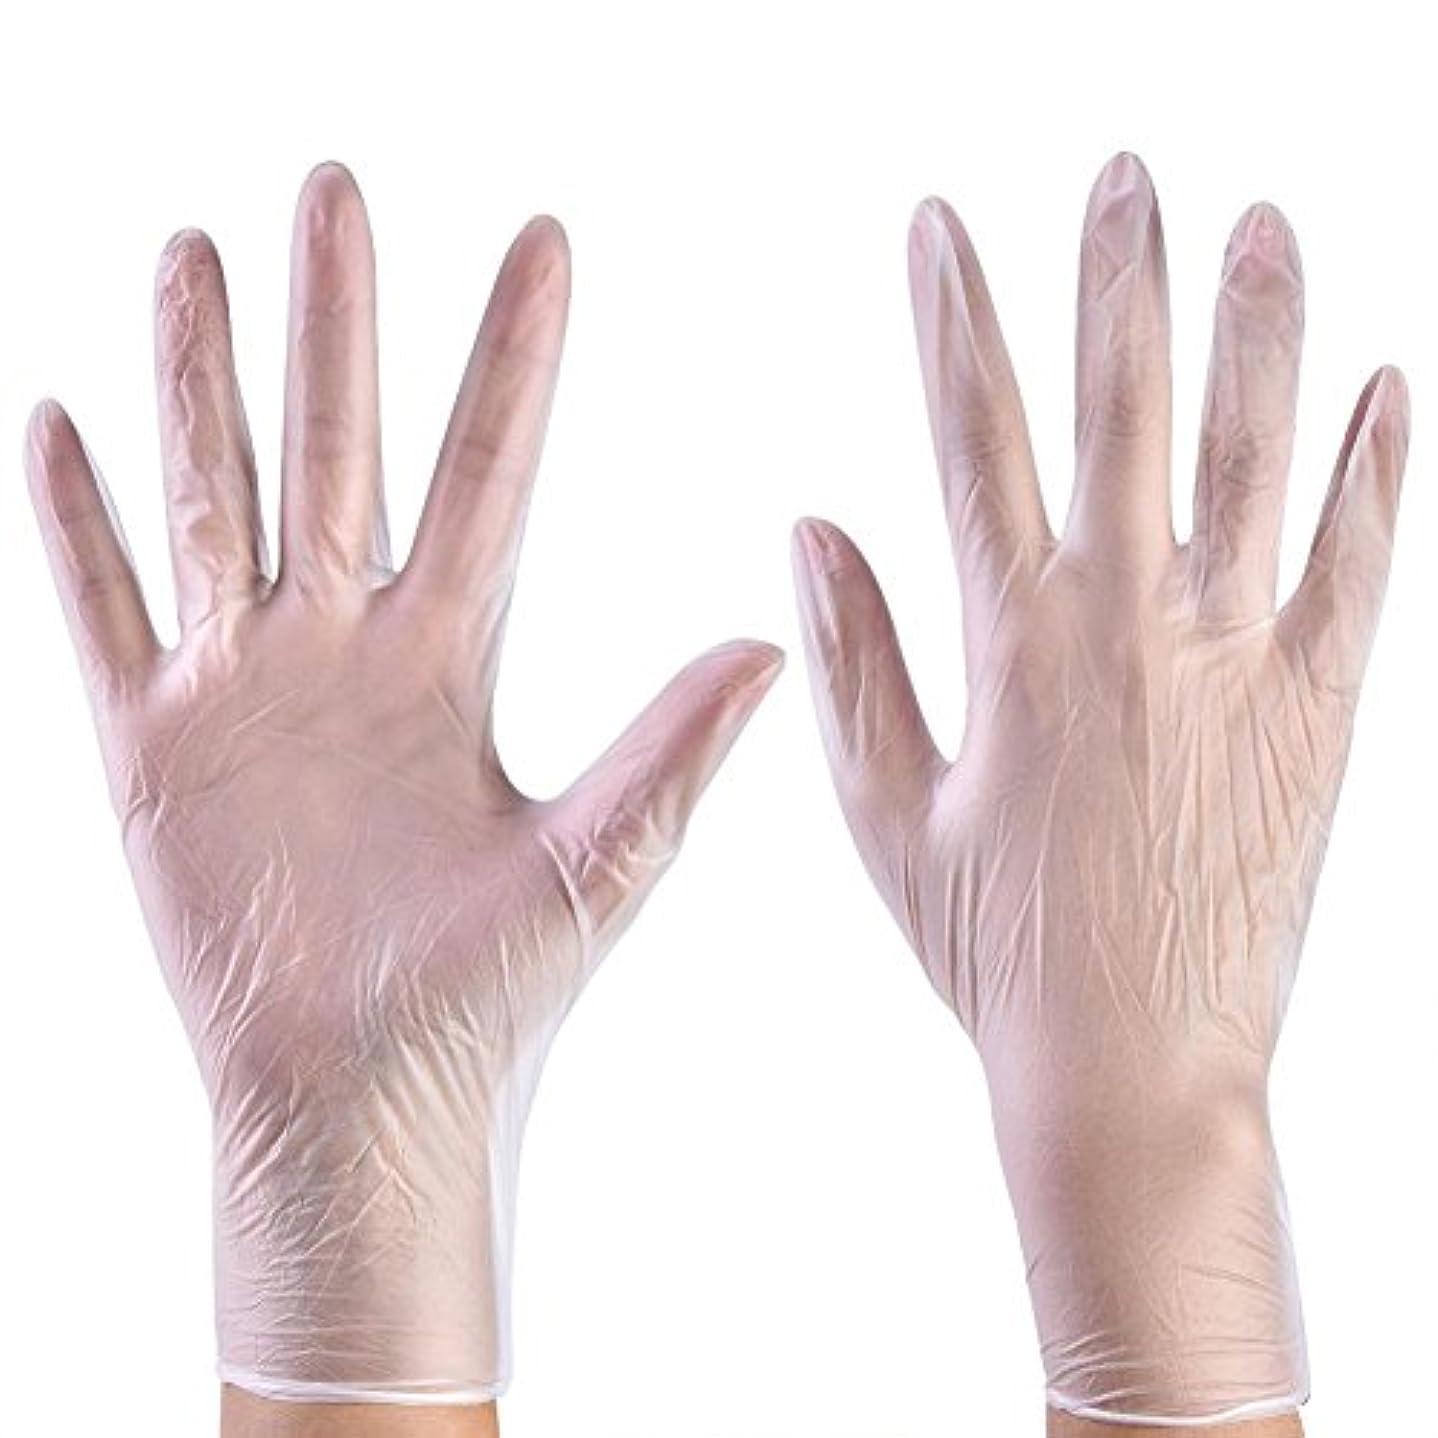 医師田舎人間使い捨て手袋 ニトリルグローブ ホワイト 粉なし タトゥー/歯科/病院/研究室に適応 S/M/L選択可 100枚 左右兼用(L)